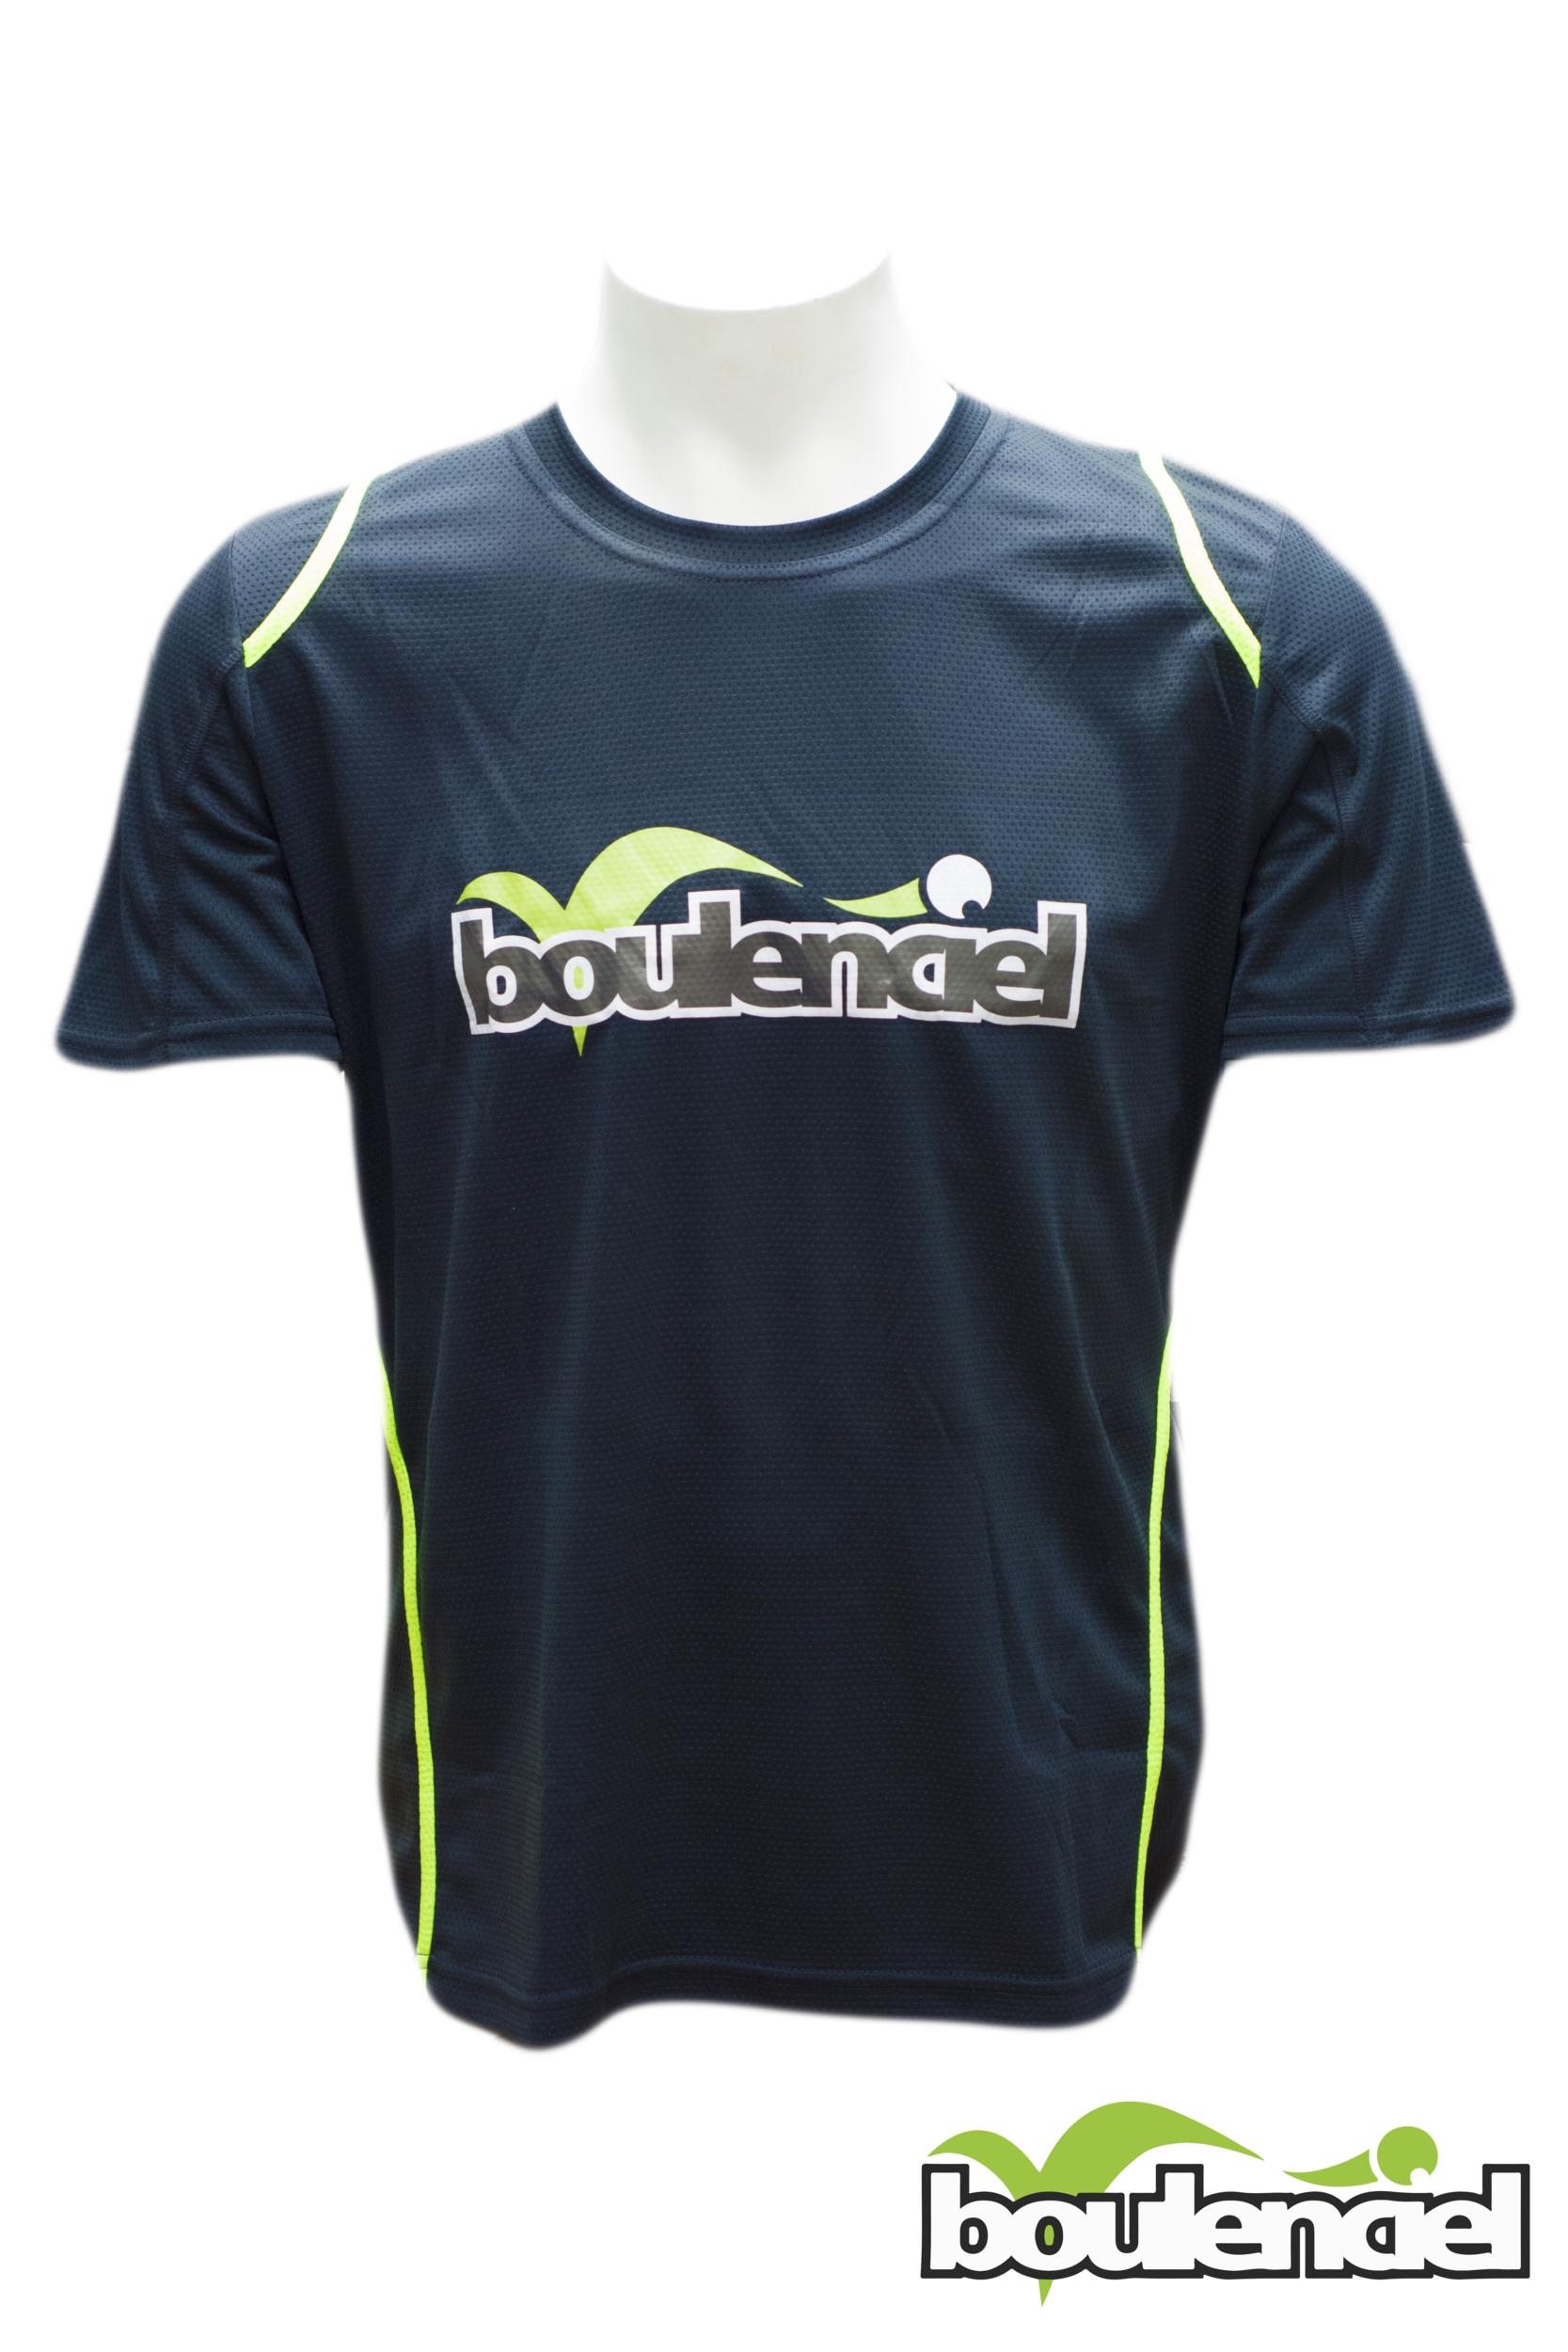 T-shirt microfibre unisex noir/vert BOULENCIEL